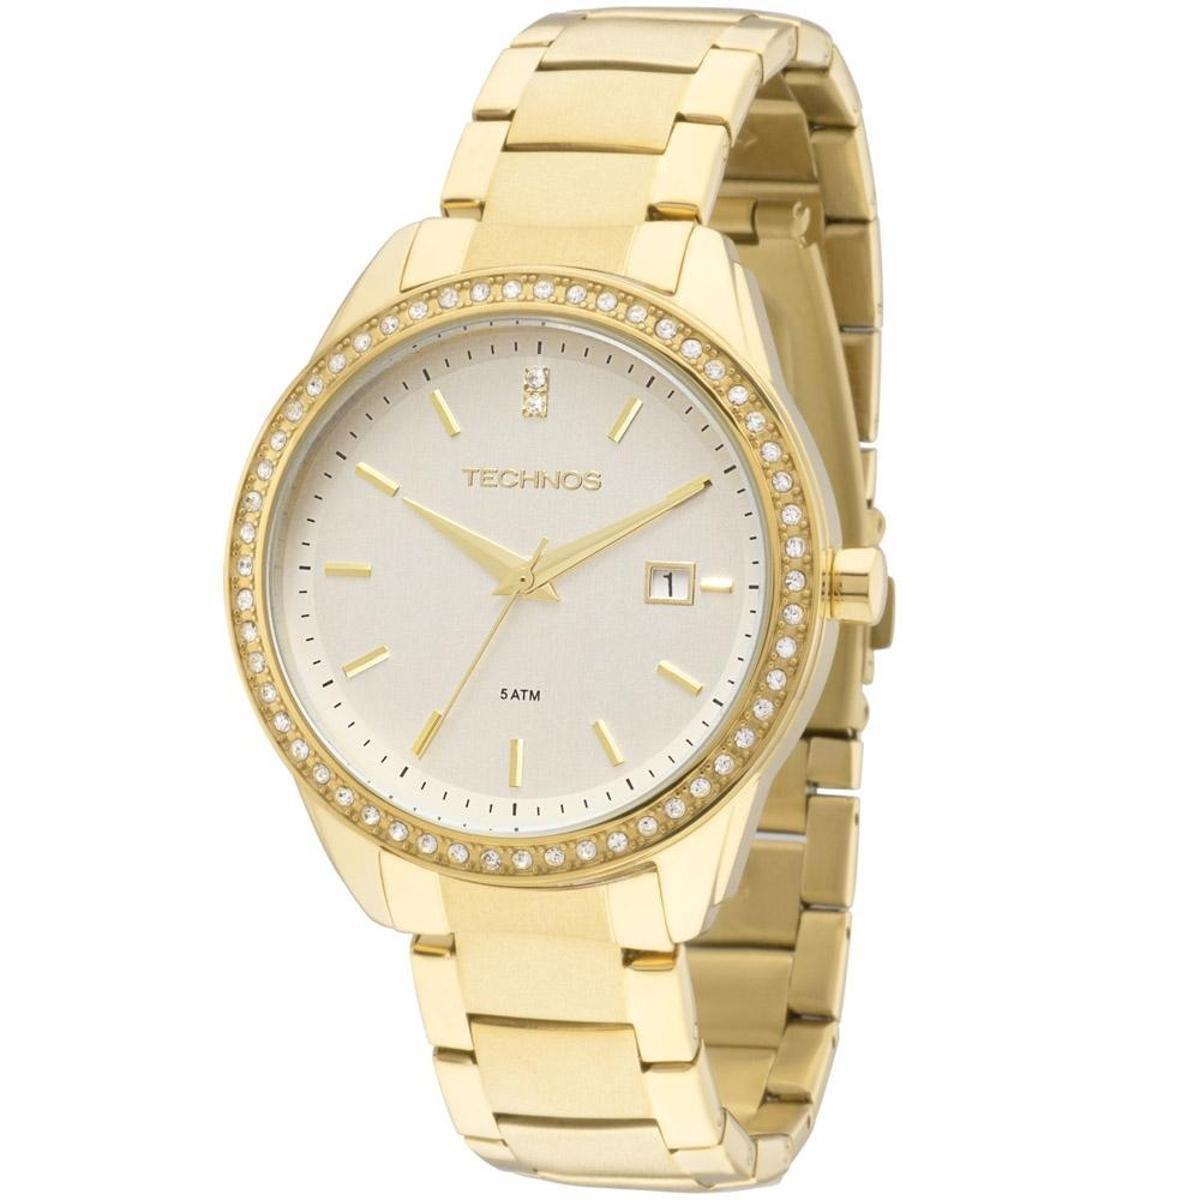 7e3870d4c15 Relógio Feminino Technos Analogico Elegance Ladies - Compre Agora ...